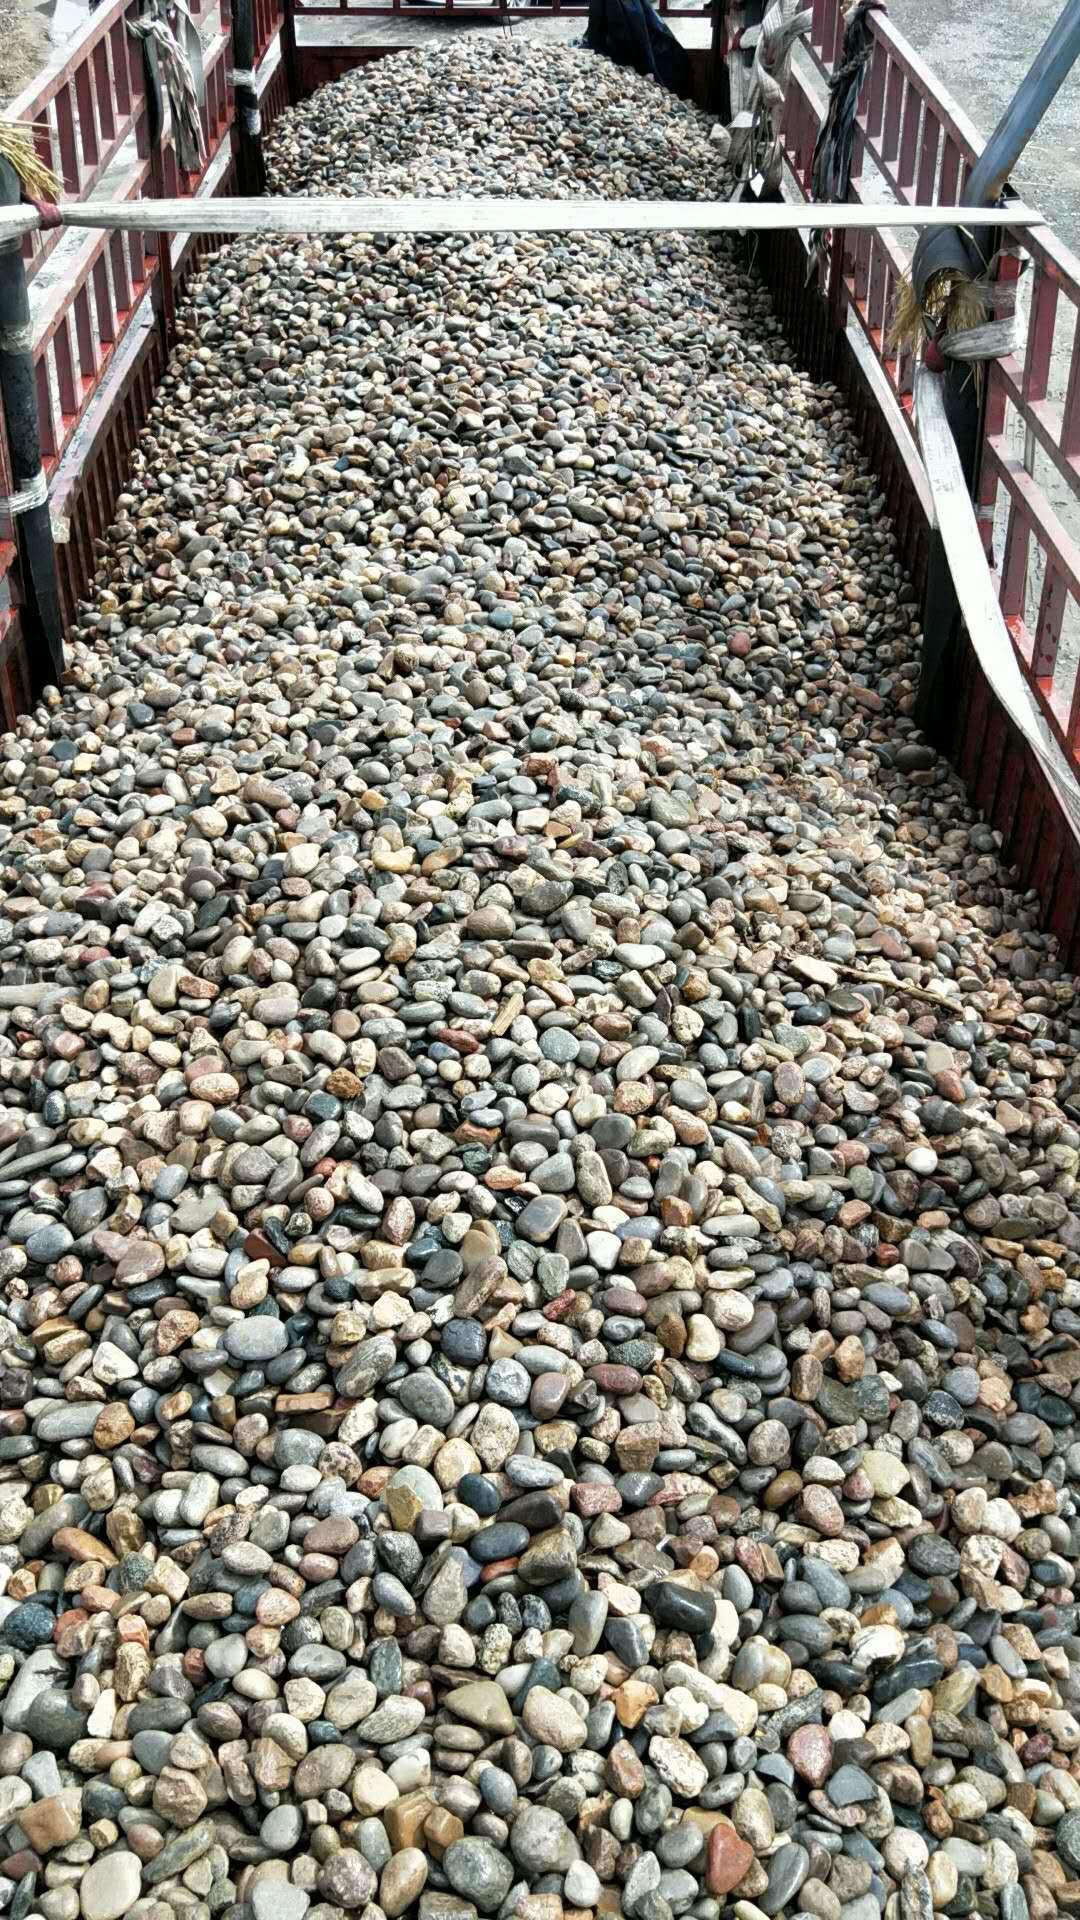 鹅卵石销售 临沂鹅卵石销售 临沂鹅卵石销售厂家  临沂鹅卵石厂家那些借 临沂鹅卵石厂家哪家好 变压器鹅卵石